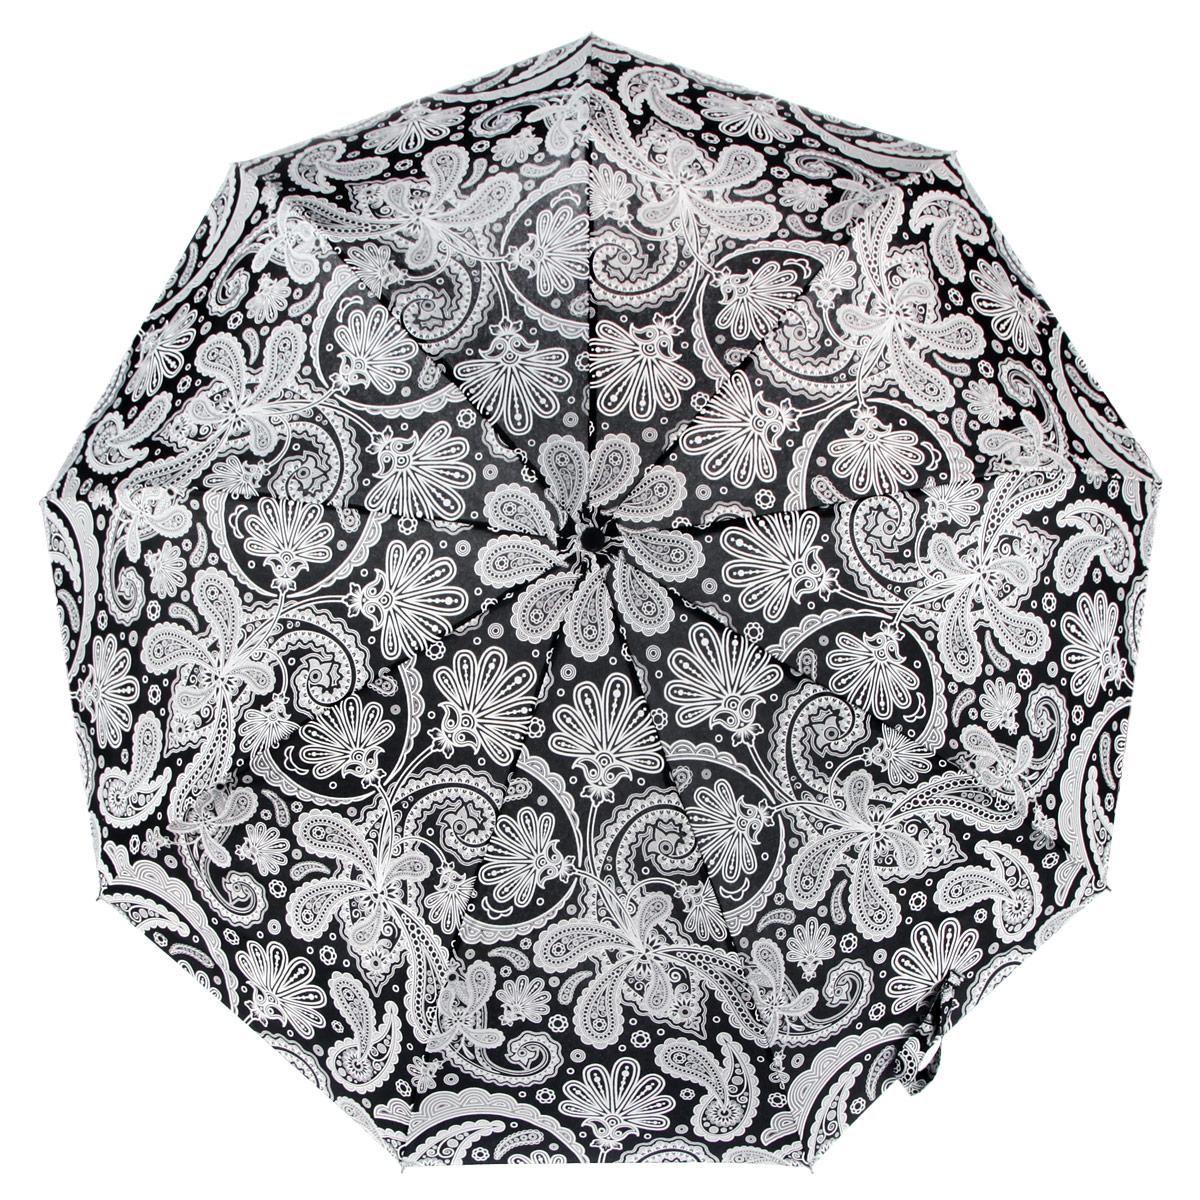 Зонт женский Zest, цвет: черный, белый. 239996-1191239996-1191Стильный женский зонт ZEST с удлиненным каркасом, выполнен из прочной стали с антикоррозийным покрытием, спицы из фибергласса, устойчивые к выгибанию. Купол зонта изготовлен прочного полиэстера. Закрытый купол застегивается на липучку хлястиком. Практичная рукоятка закругленной формы разработана с учетом требований эргономики и выполнена из пластика. Зонт оснащен автоматическим механизмом и чехлом. Такой зонт не только надежно защитит от дождя, но и станет стильным аксессуаром.